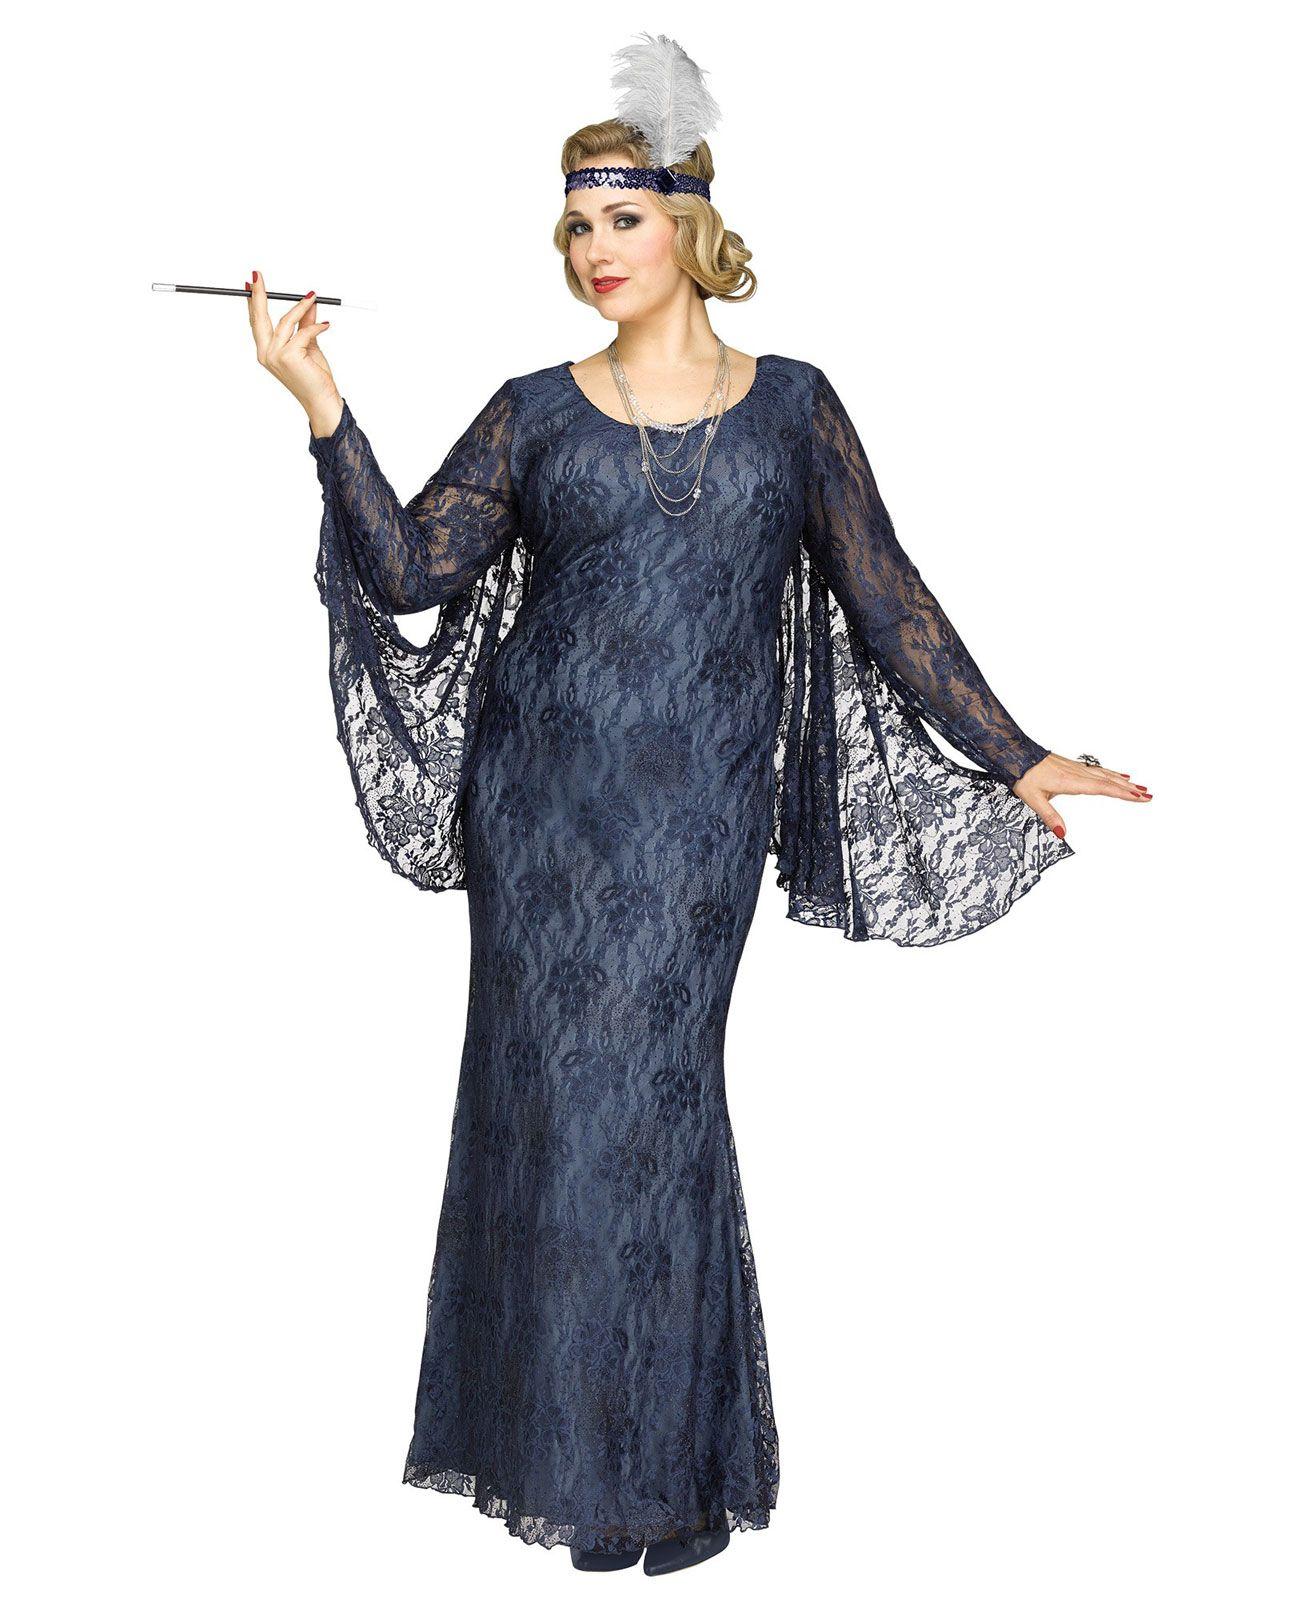 Harlem renaissance plus size dresses